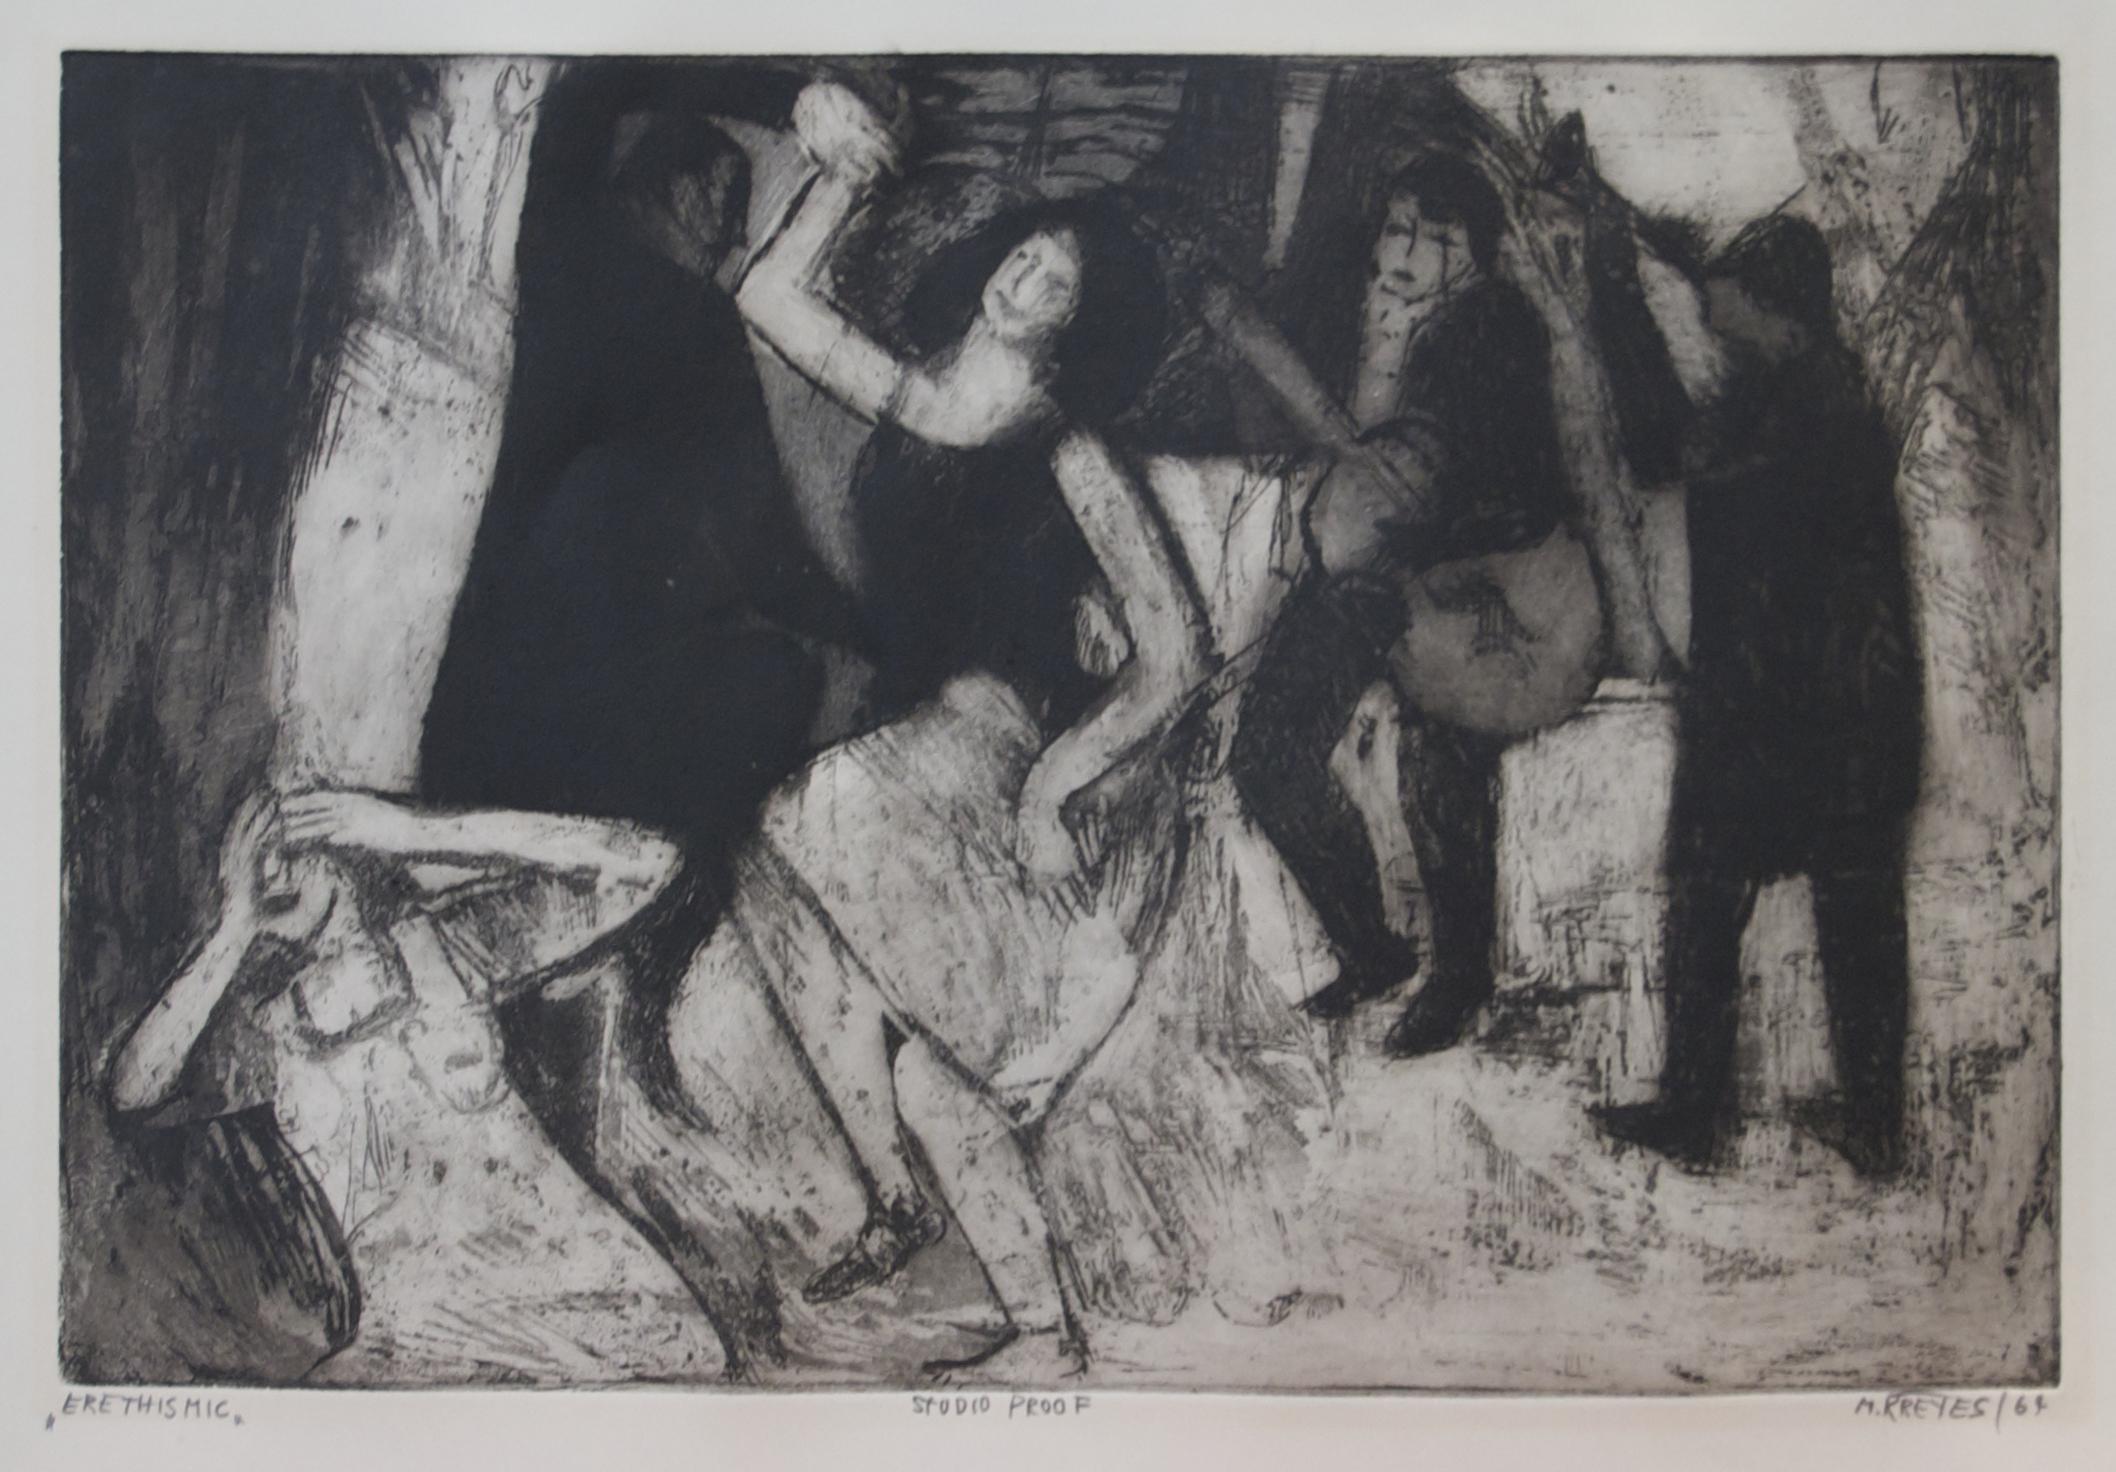 """Erethismic, 1964, Aquatint, 18"""" x 13"""""""